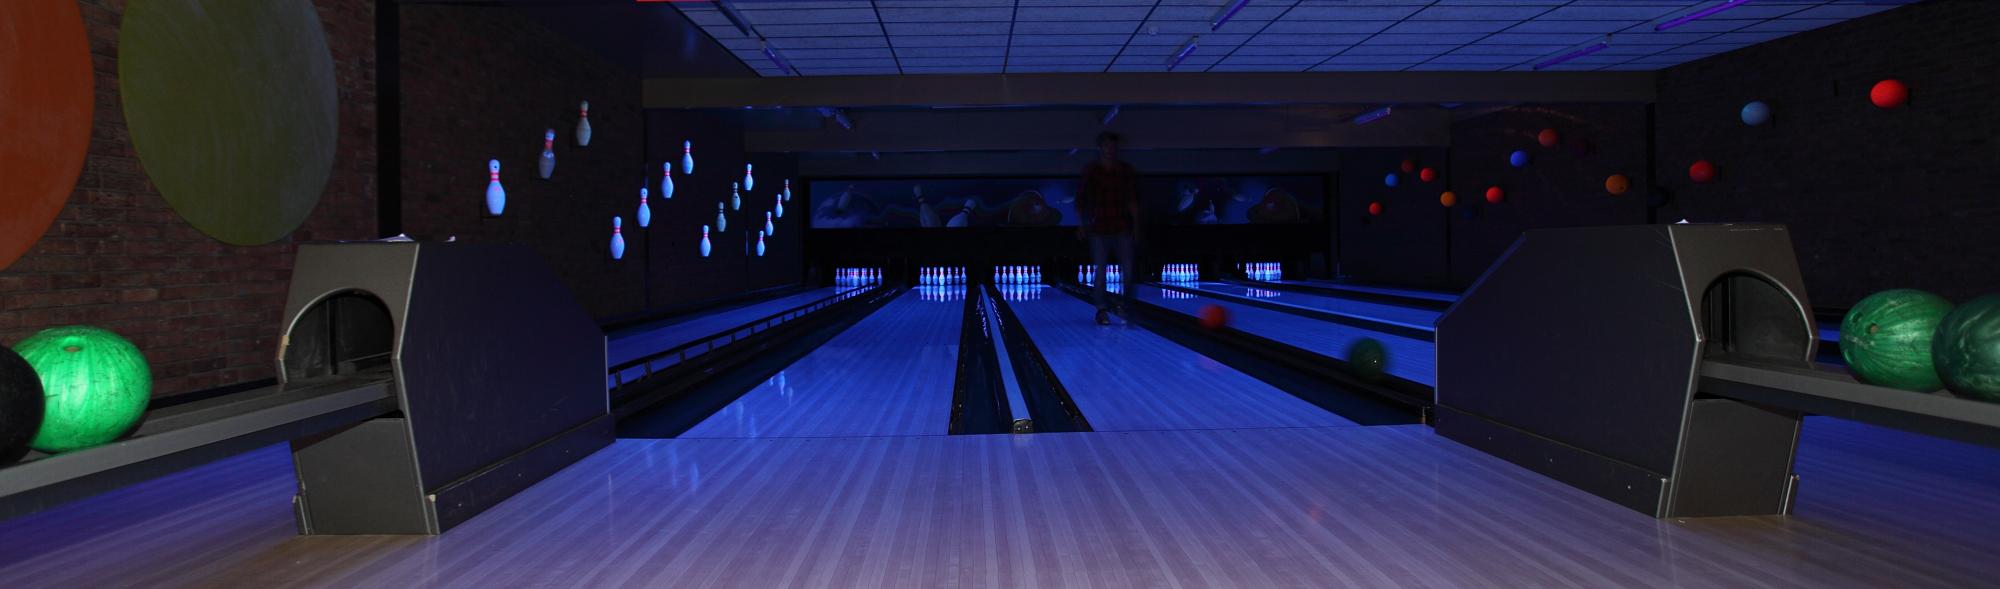 bowlen.jpg